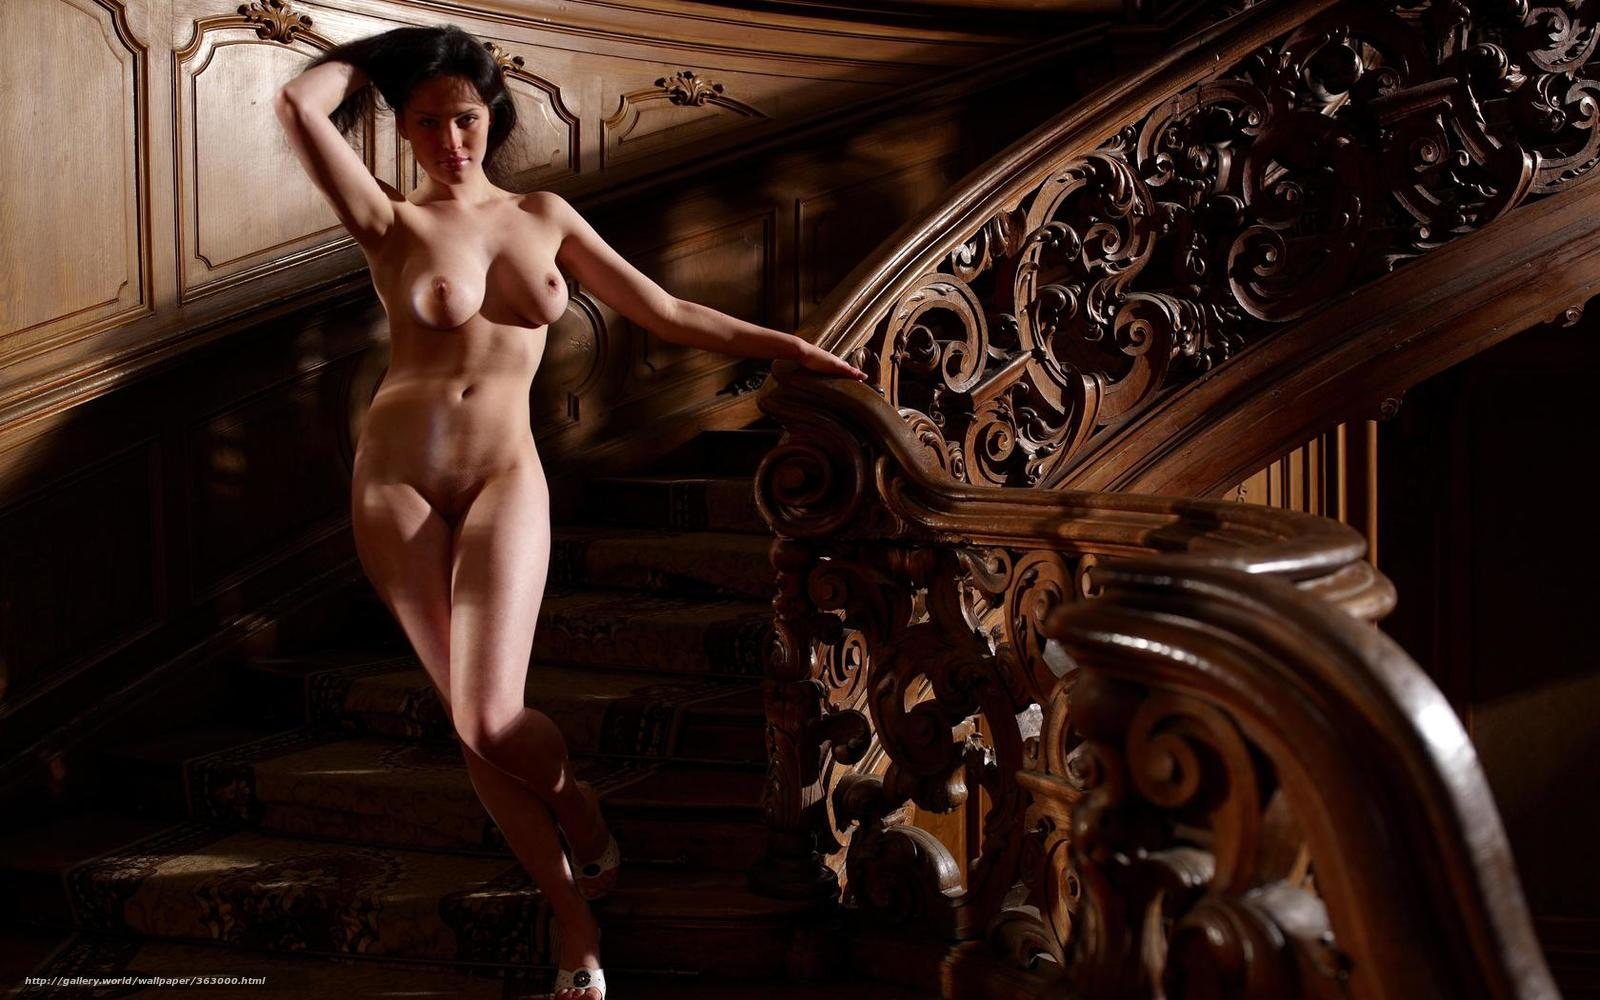 Смотреть онлайн бесплатно эротика во дворце 12 фотография